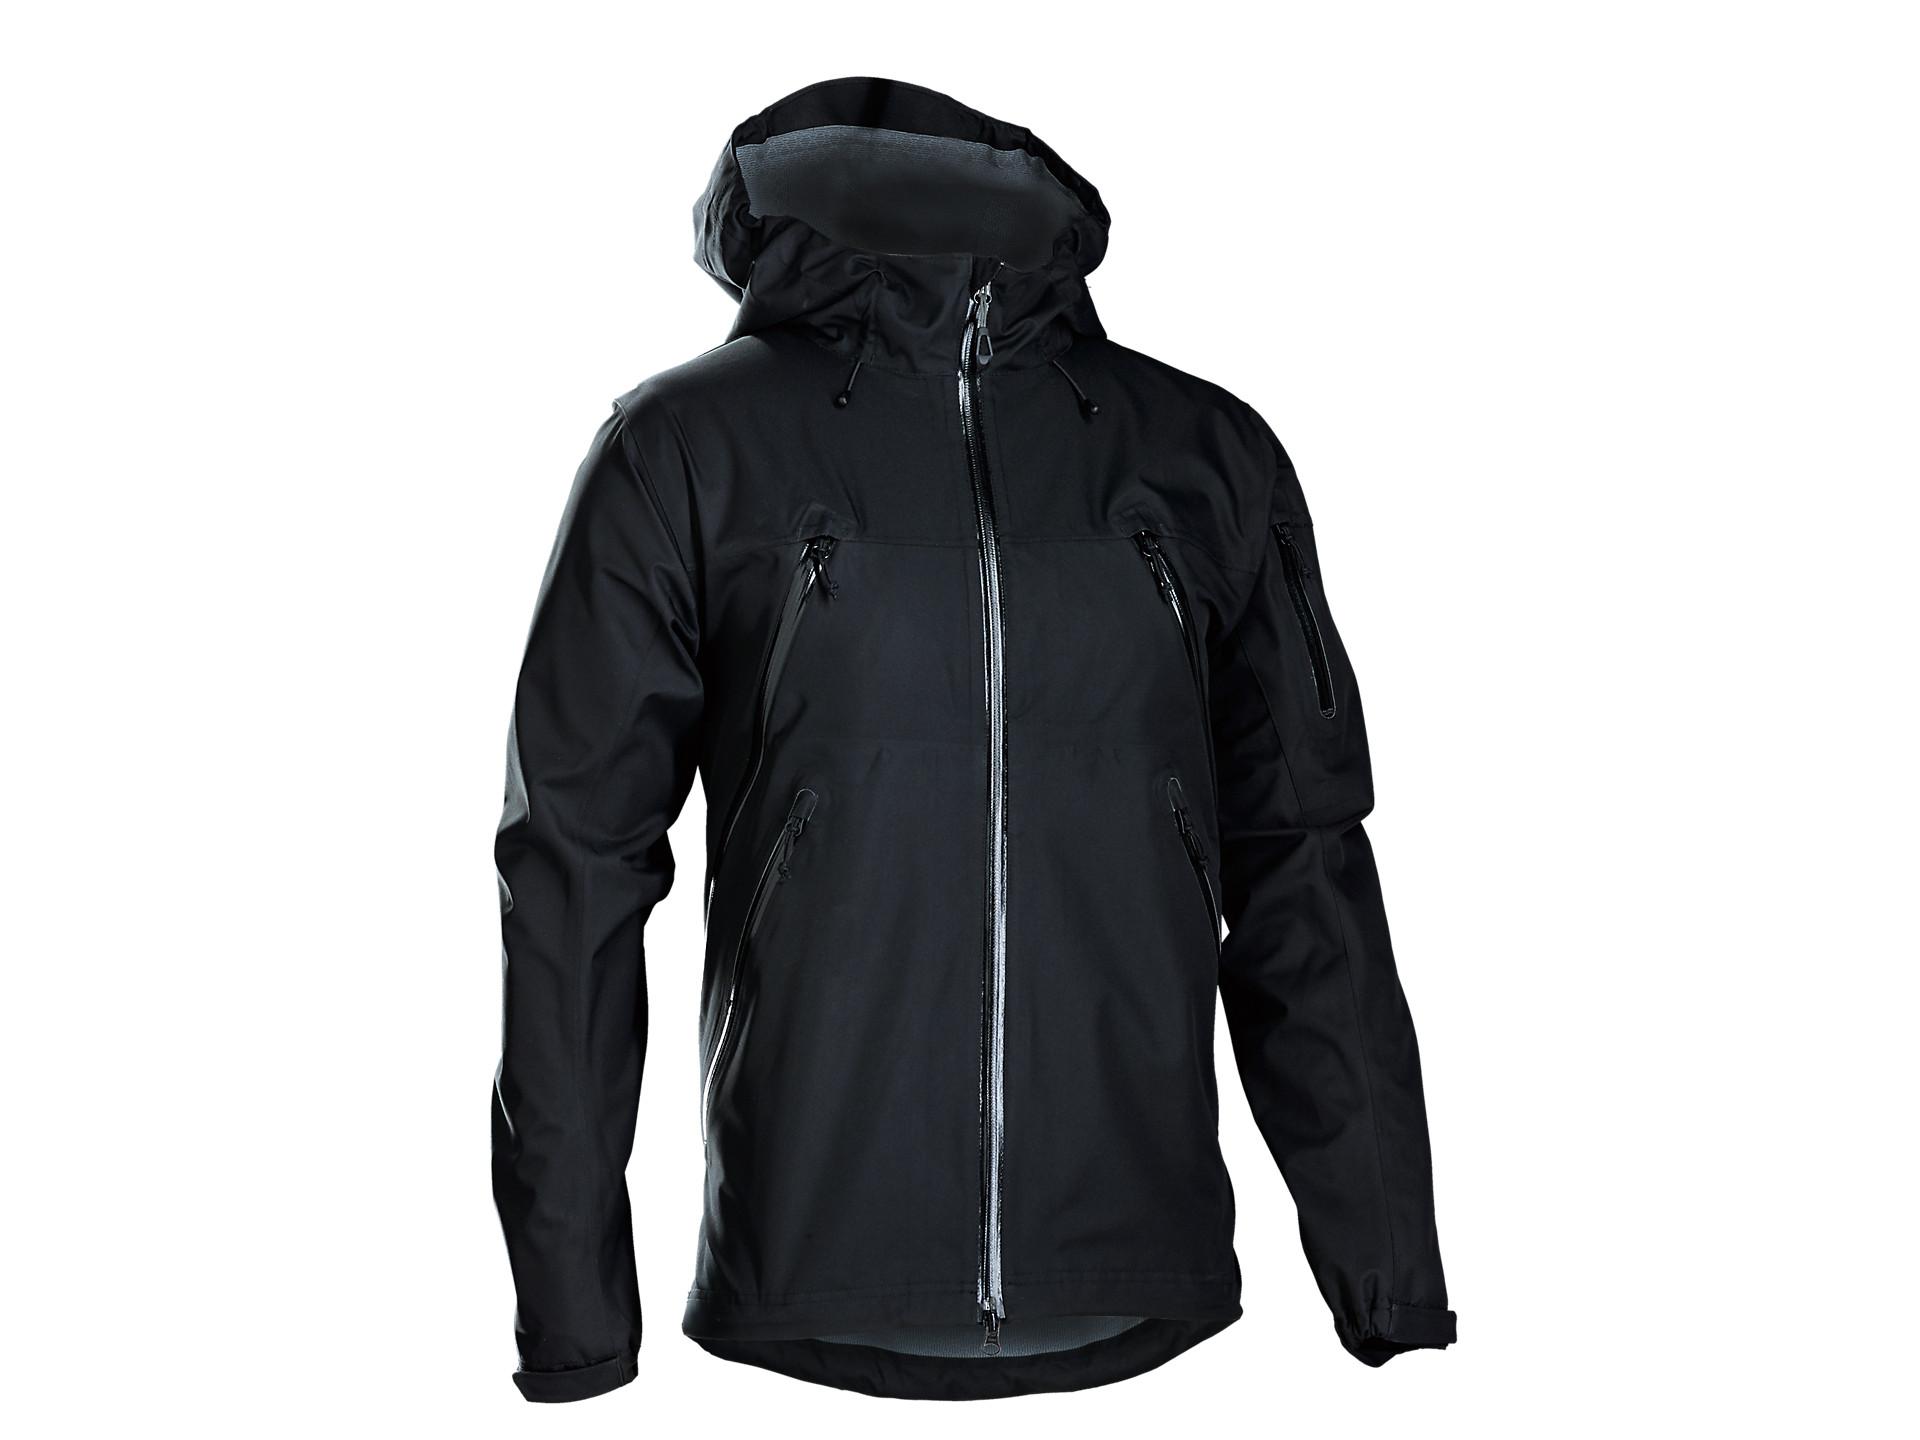 Bontrager Lithos Stormshell Jacket  a18c5c882